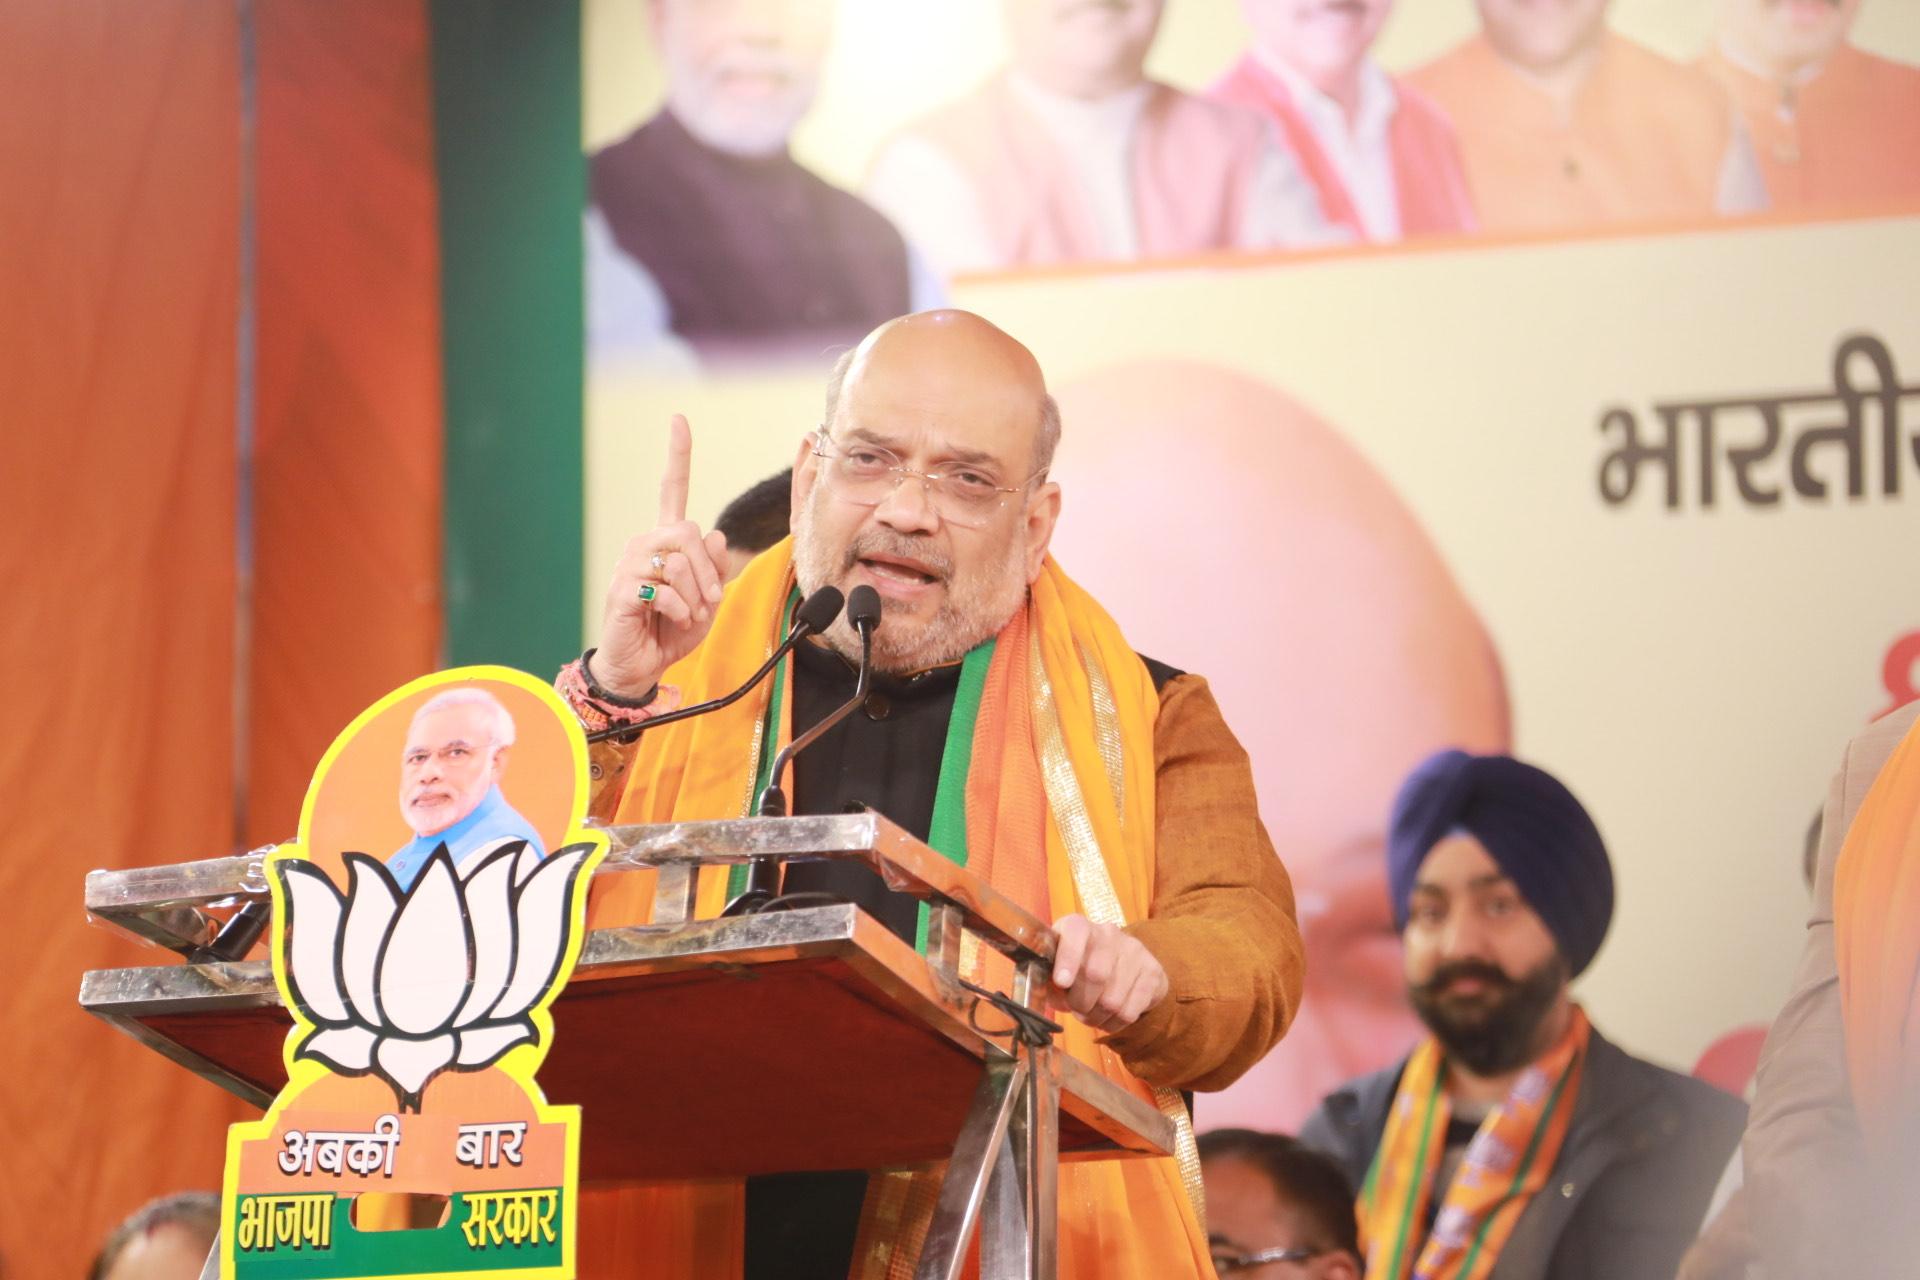 دہلی کے کرشنا نگر انتخابی حلقہ میں انتخابی جلسہ کو خطاب کرتے مرکزی وزیر داخلہ امت شاہ۔ (فوٹو : ٹوئٹر / @BJP4Delhi)